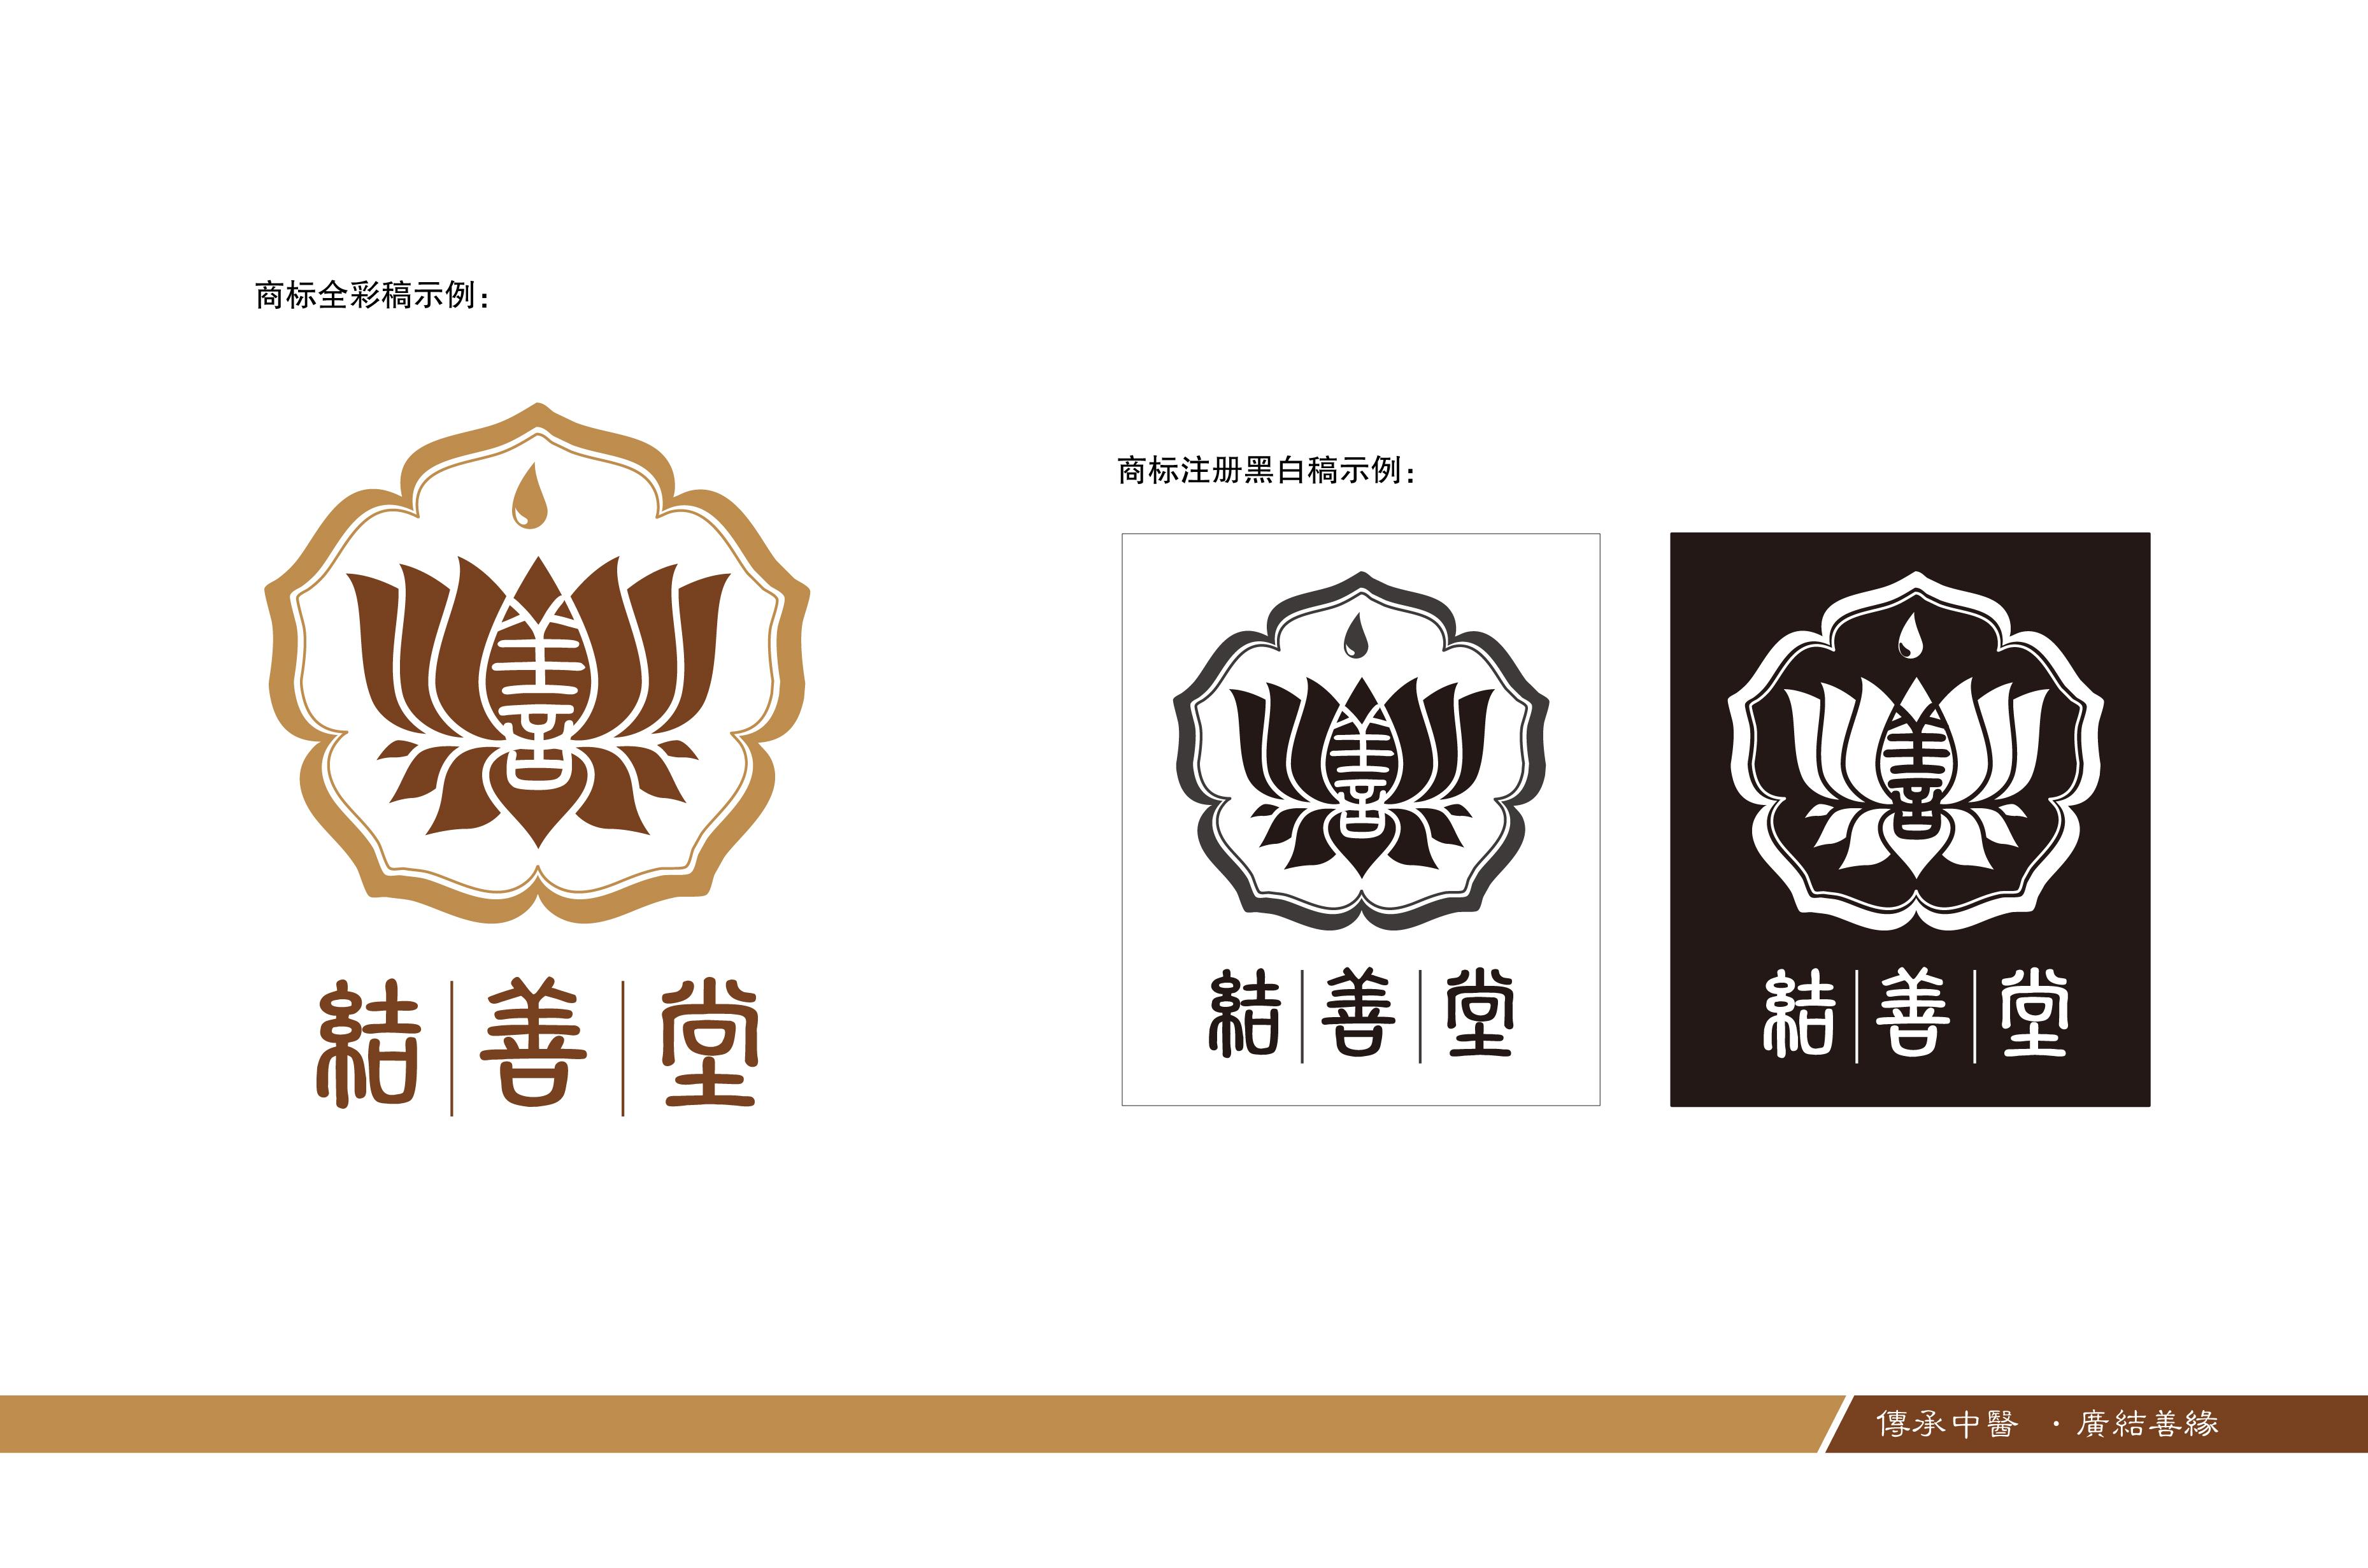 标志设计/拾年设计_泓浩室内装潢设计案例展示_一品图片